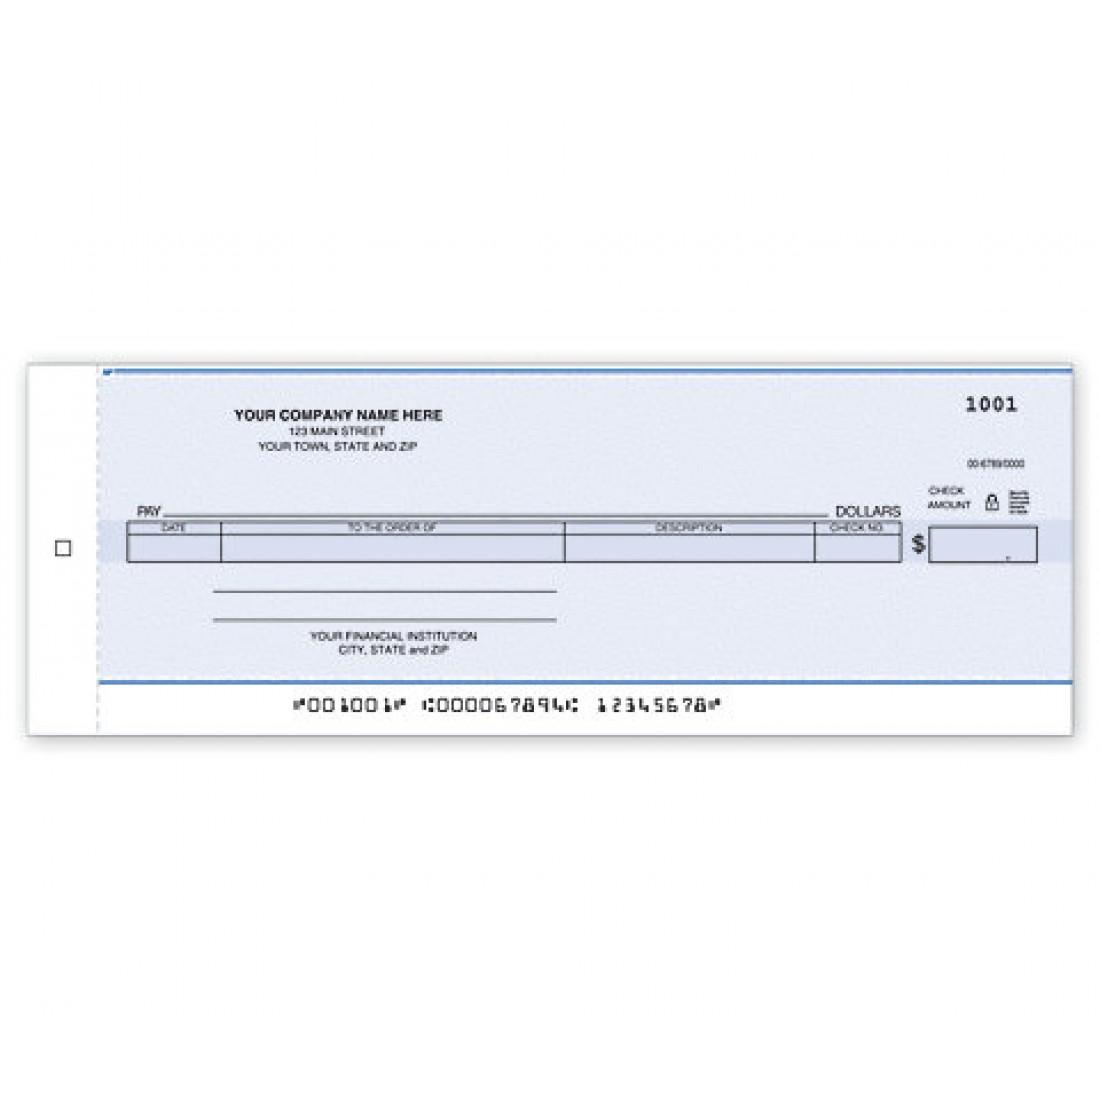 Cash Disbursement Center Check - Carbon